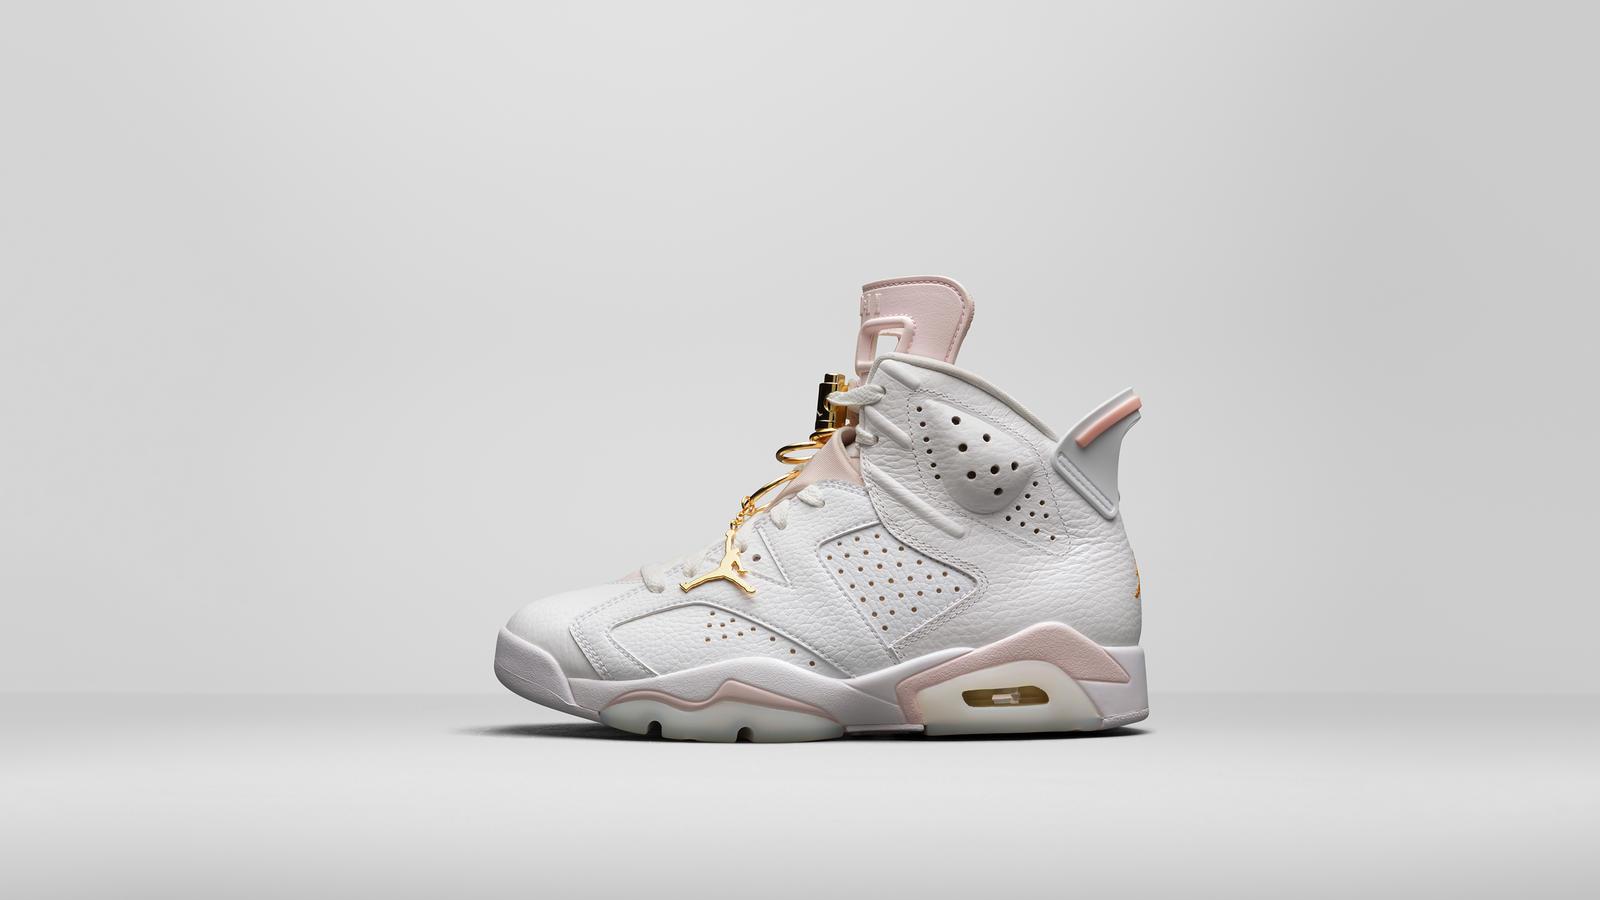 Jordan Brand Retro Preview Fall 2021 Air Jordan 11 Low IE Official Images Release Date 11